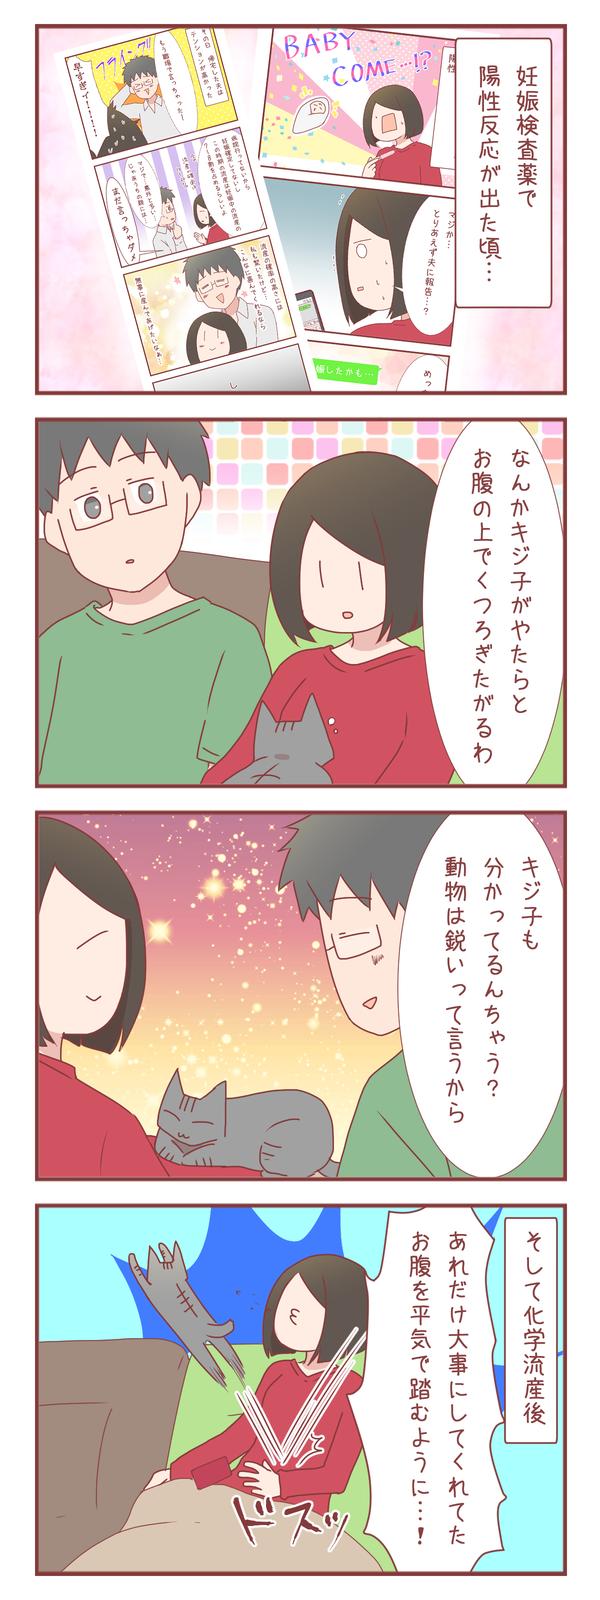 まさかの妊娠疑惑番外編~猫さんは鋭いし切り替えも早い~